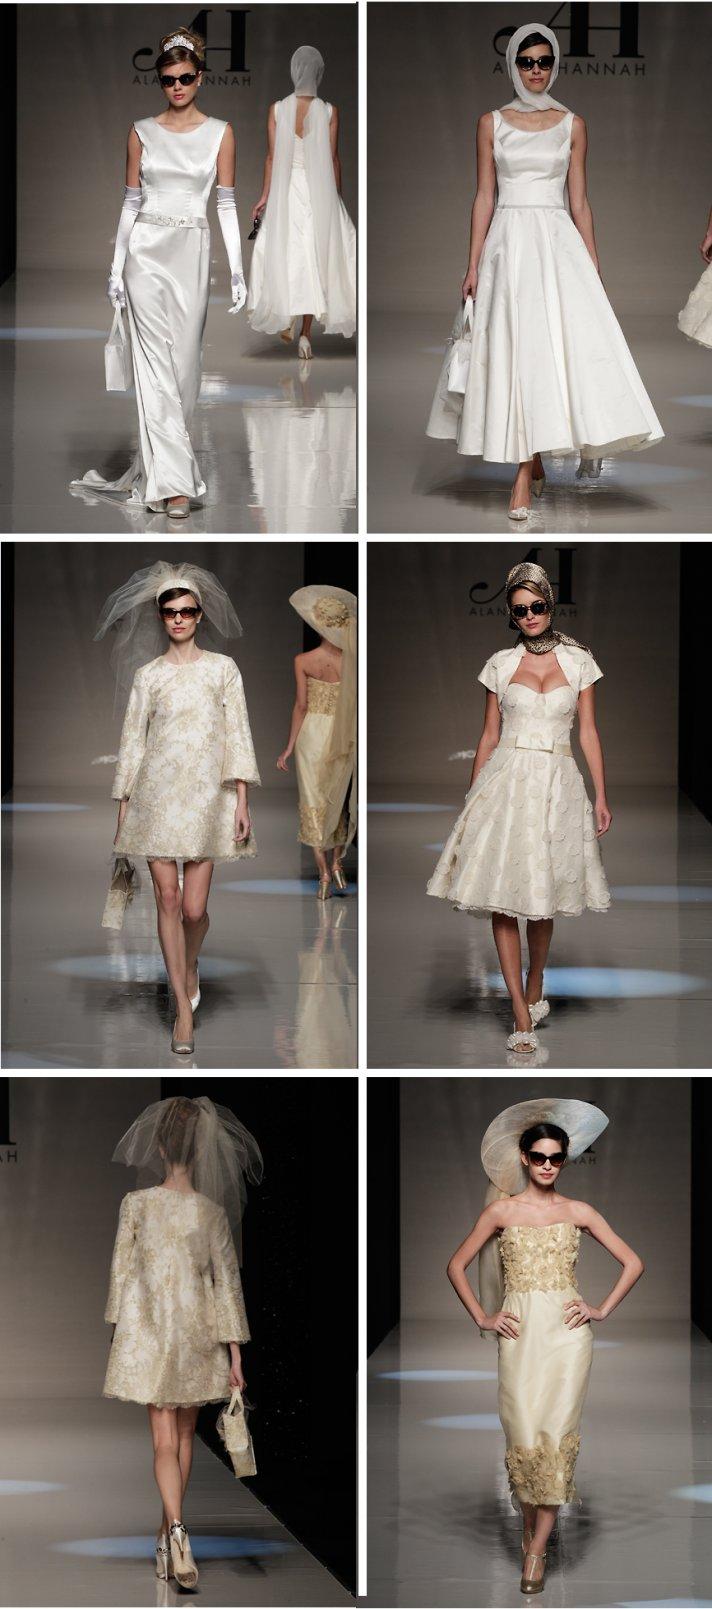 1960's-inspired wedding dresses for 2013